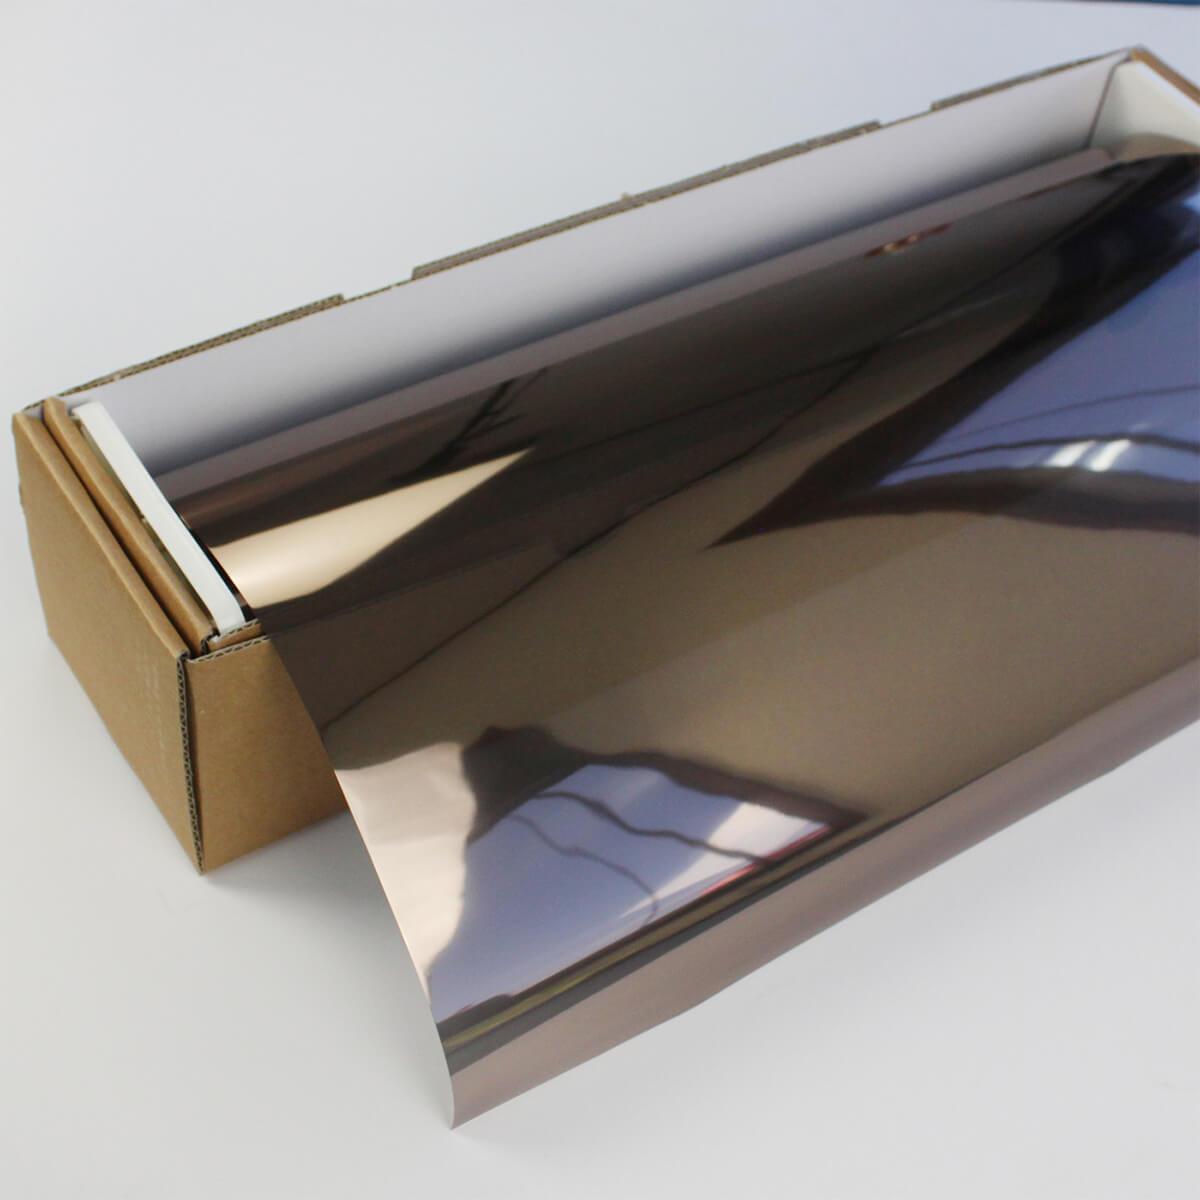 送料無料 ウィンドウフィルム 窓ガラスフィルム SPブロンズメタル20(22%) 1.5m幅×30mロール箱売 ミラーフィルム 遮熱フィルム 断熱フィルム UVカットフィルム ブレインテック Braintec